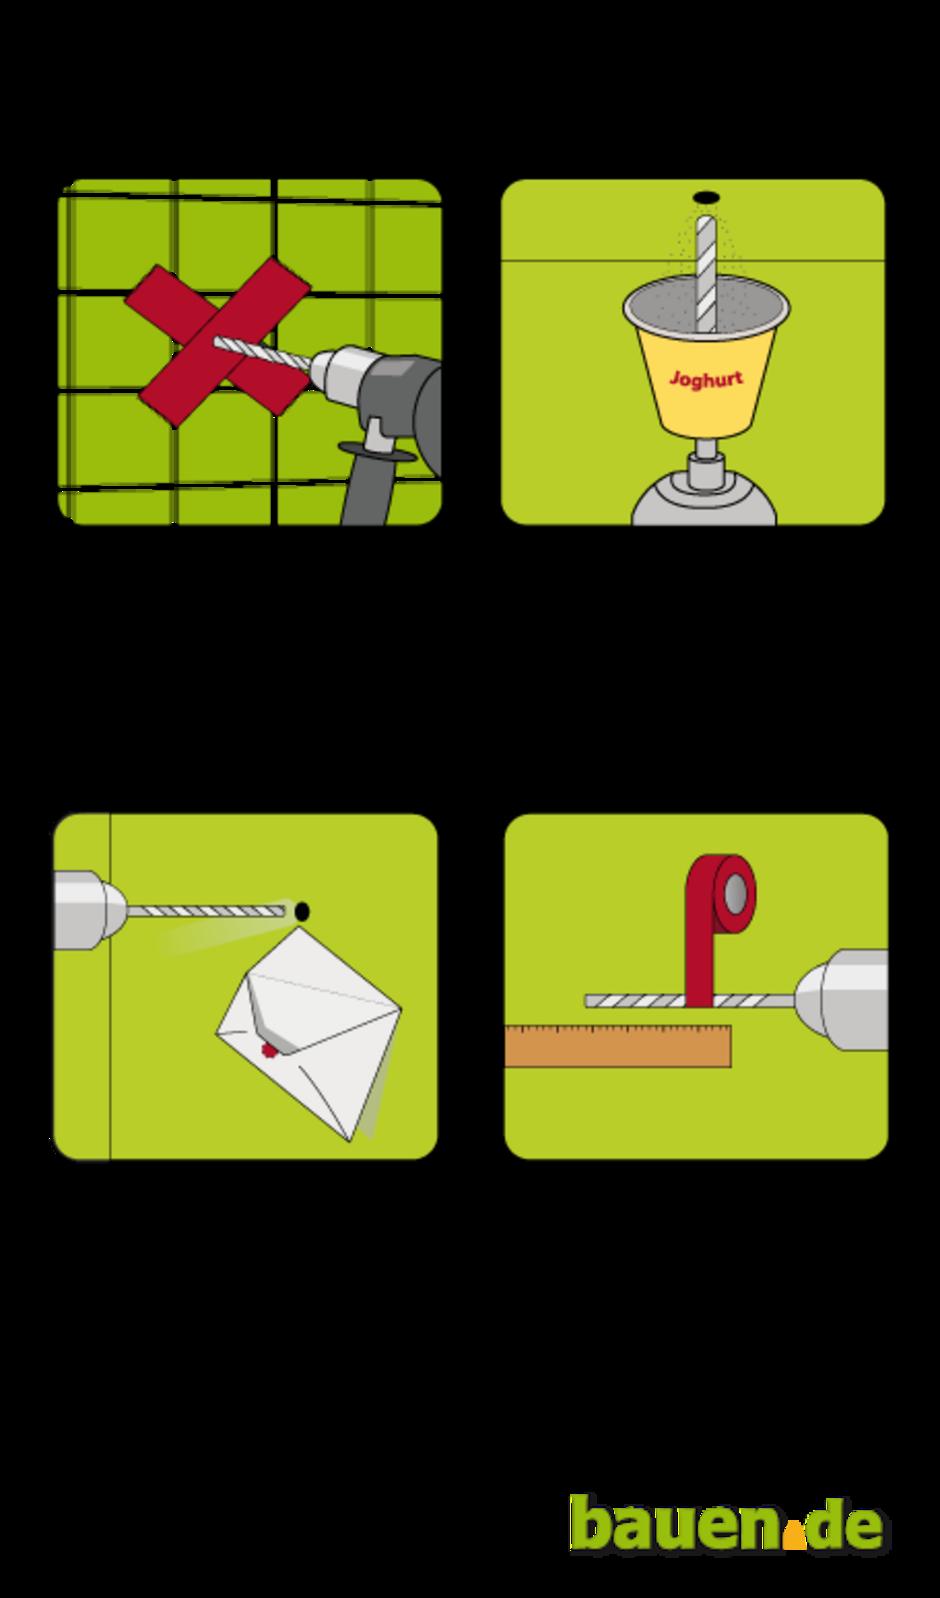 ▷ Schlagbohrmaschine oder Bohrhammer? ▷ Vergleich - bauen.de